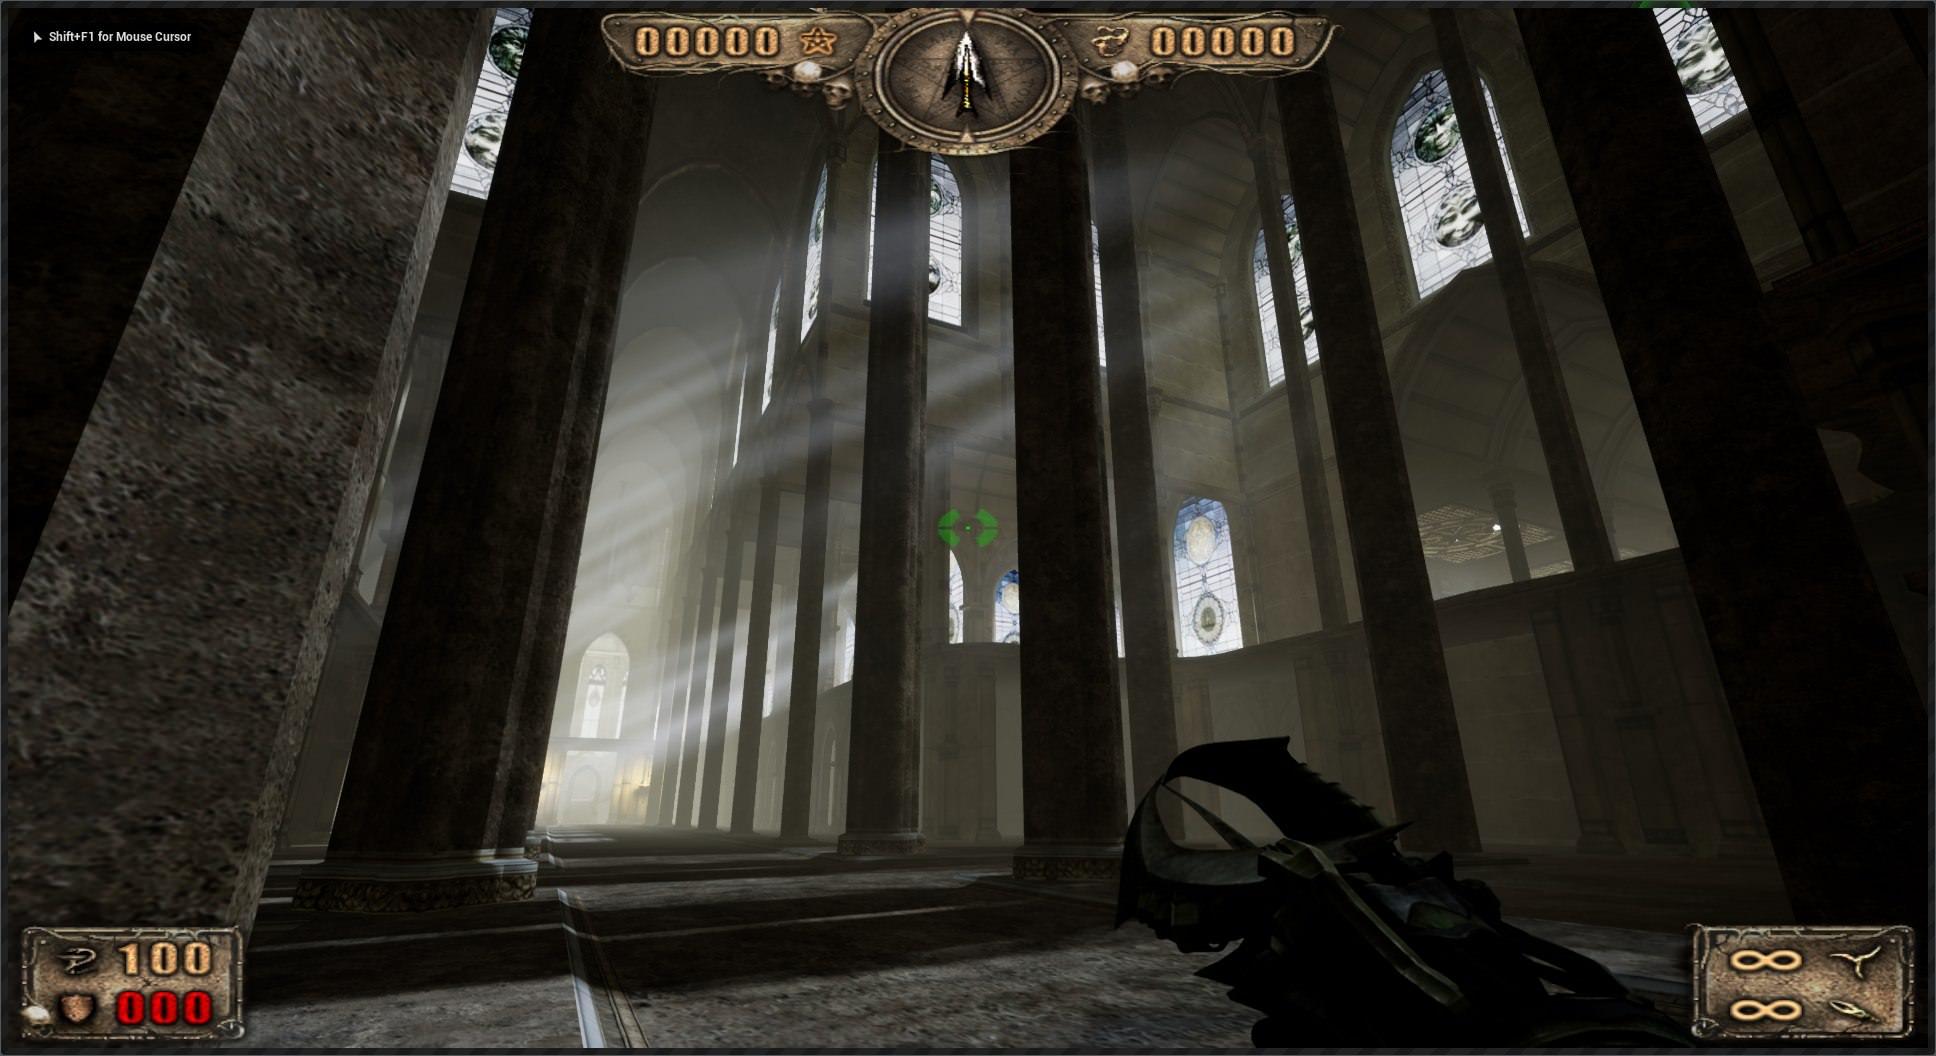 高清截圖曝光 粉絲自制虛幻4打造《獵魔者》初代